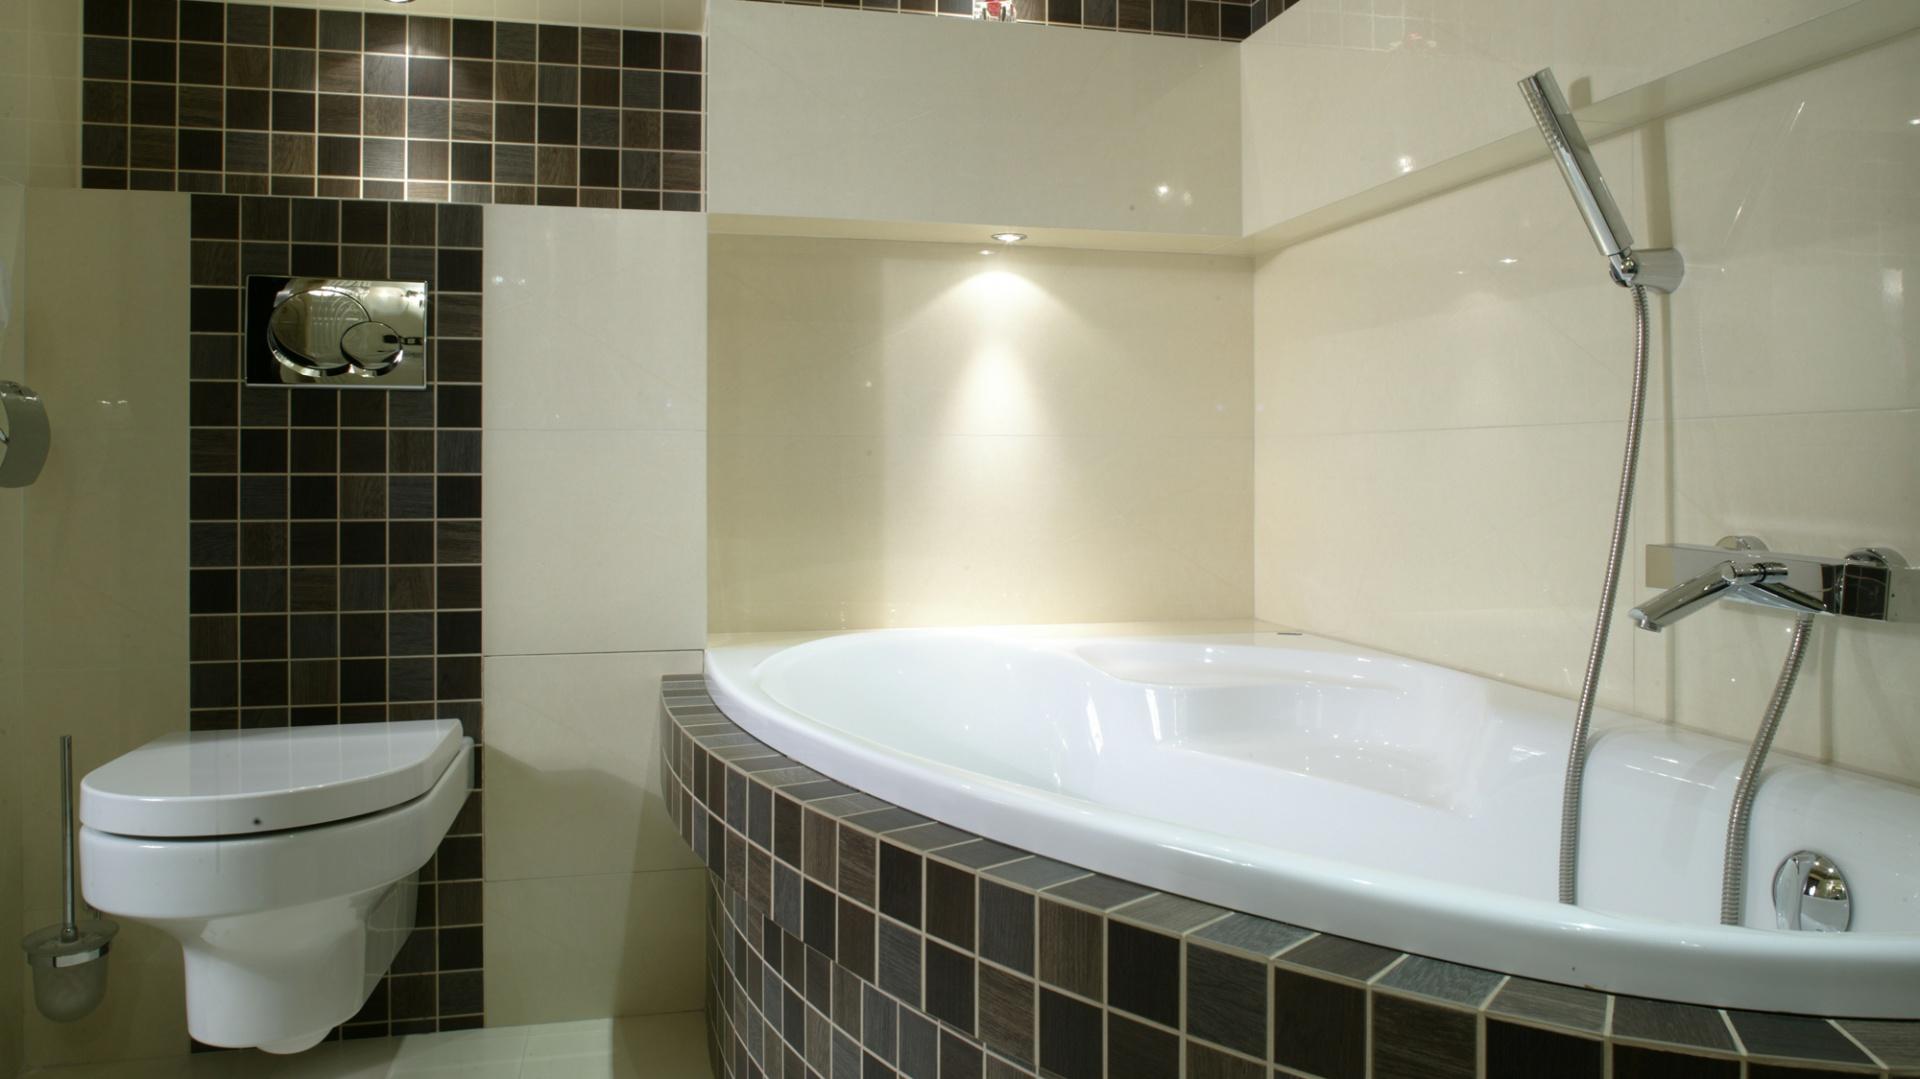 Odpoczynek w pozycji -leżącej możliwy jest dzięki wygodnej wannie firmy PoolSpa, ładnie wkomponowanej w jeden z narożników łazienki. Fot. Bartosz Jarosz.